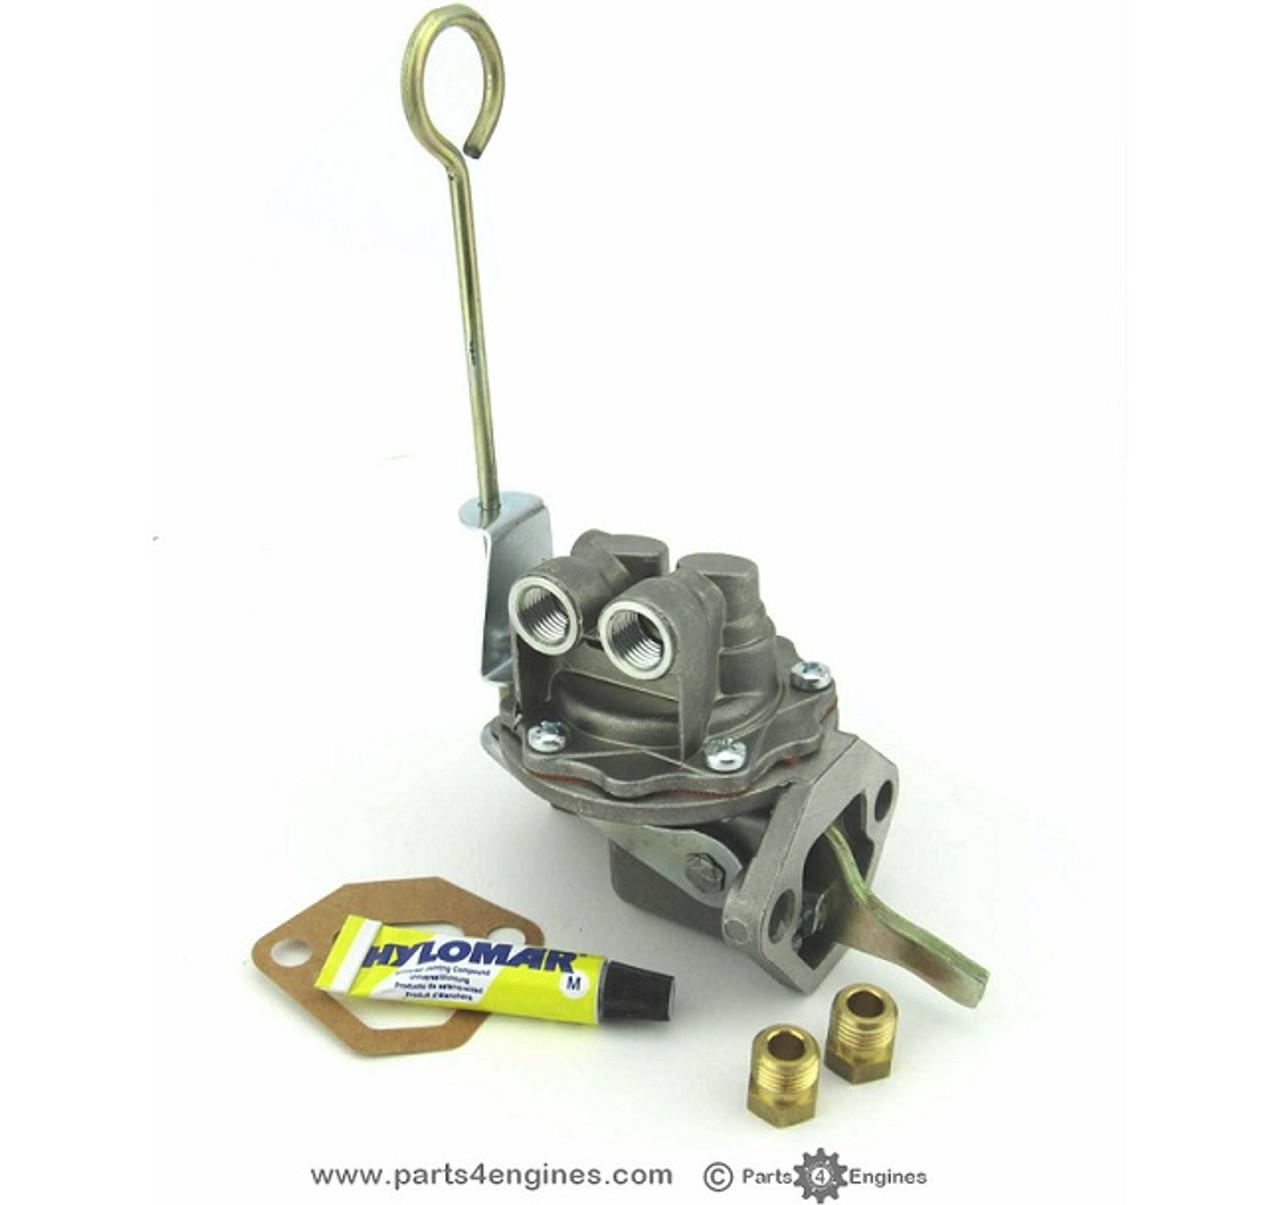 Perkins 4.108 fuel 2 bolt lift pump from Parts4Engines.com